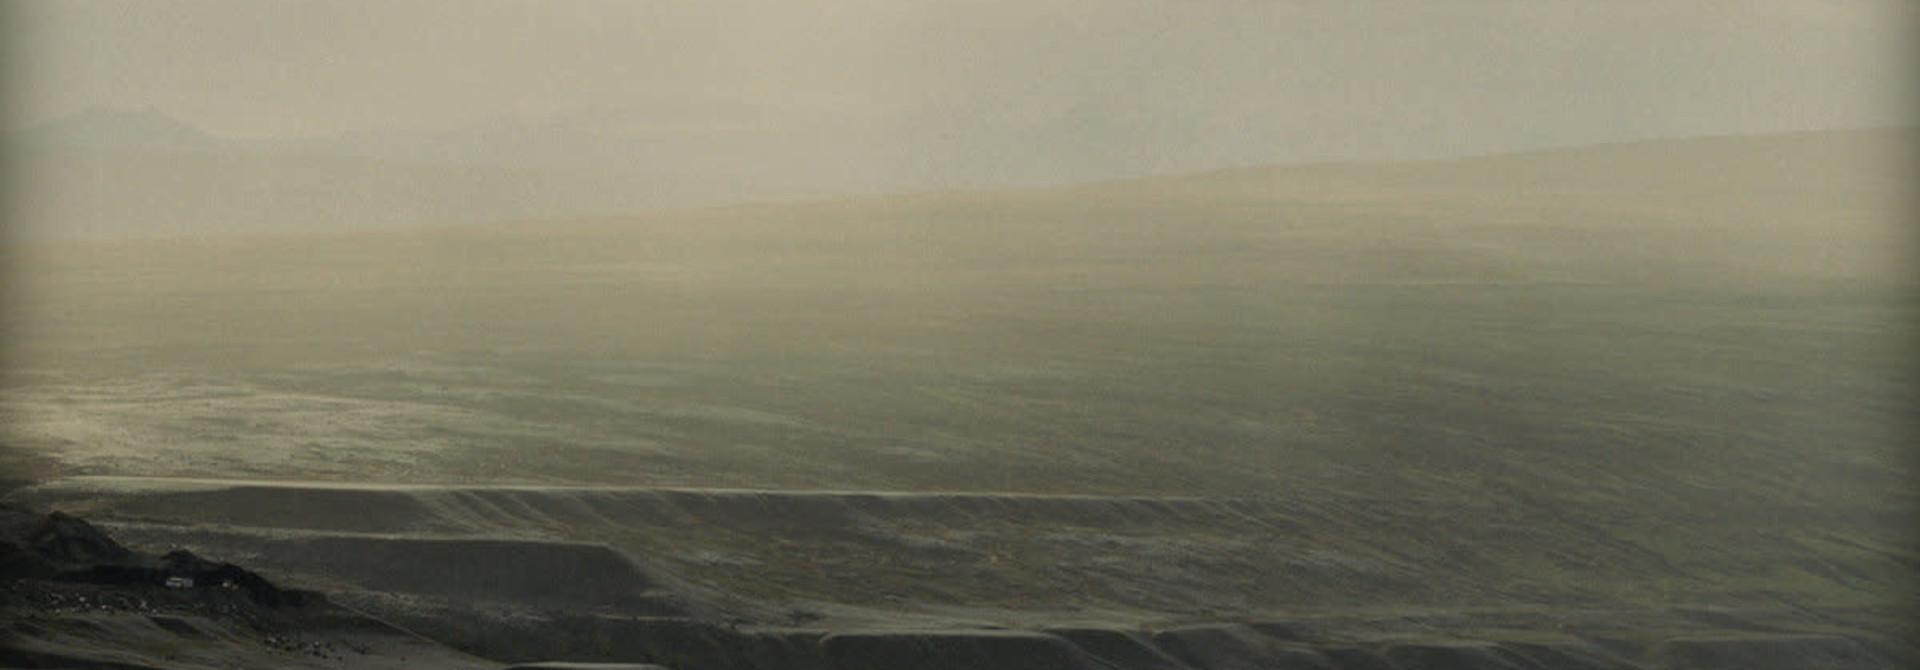 Valgeir Sigurðsson • Draumalandið